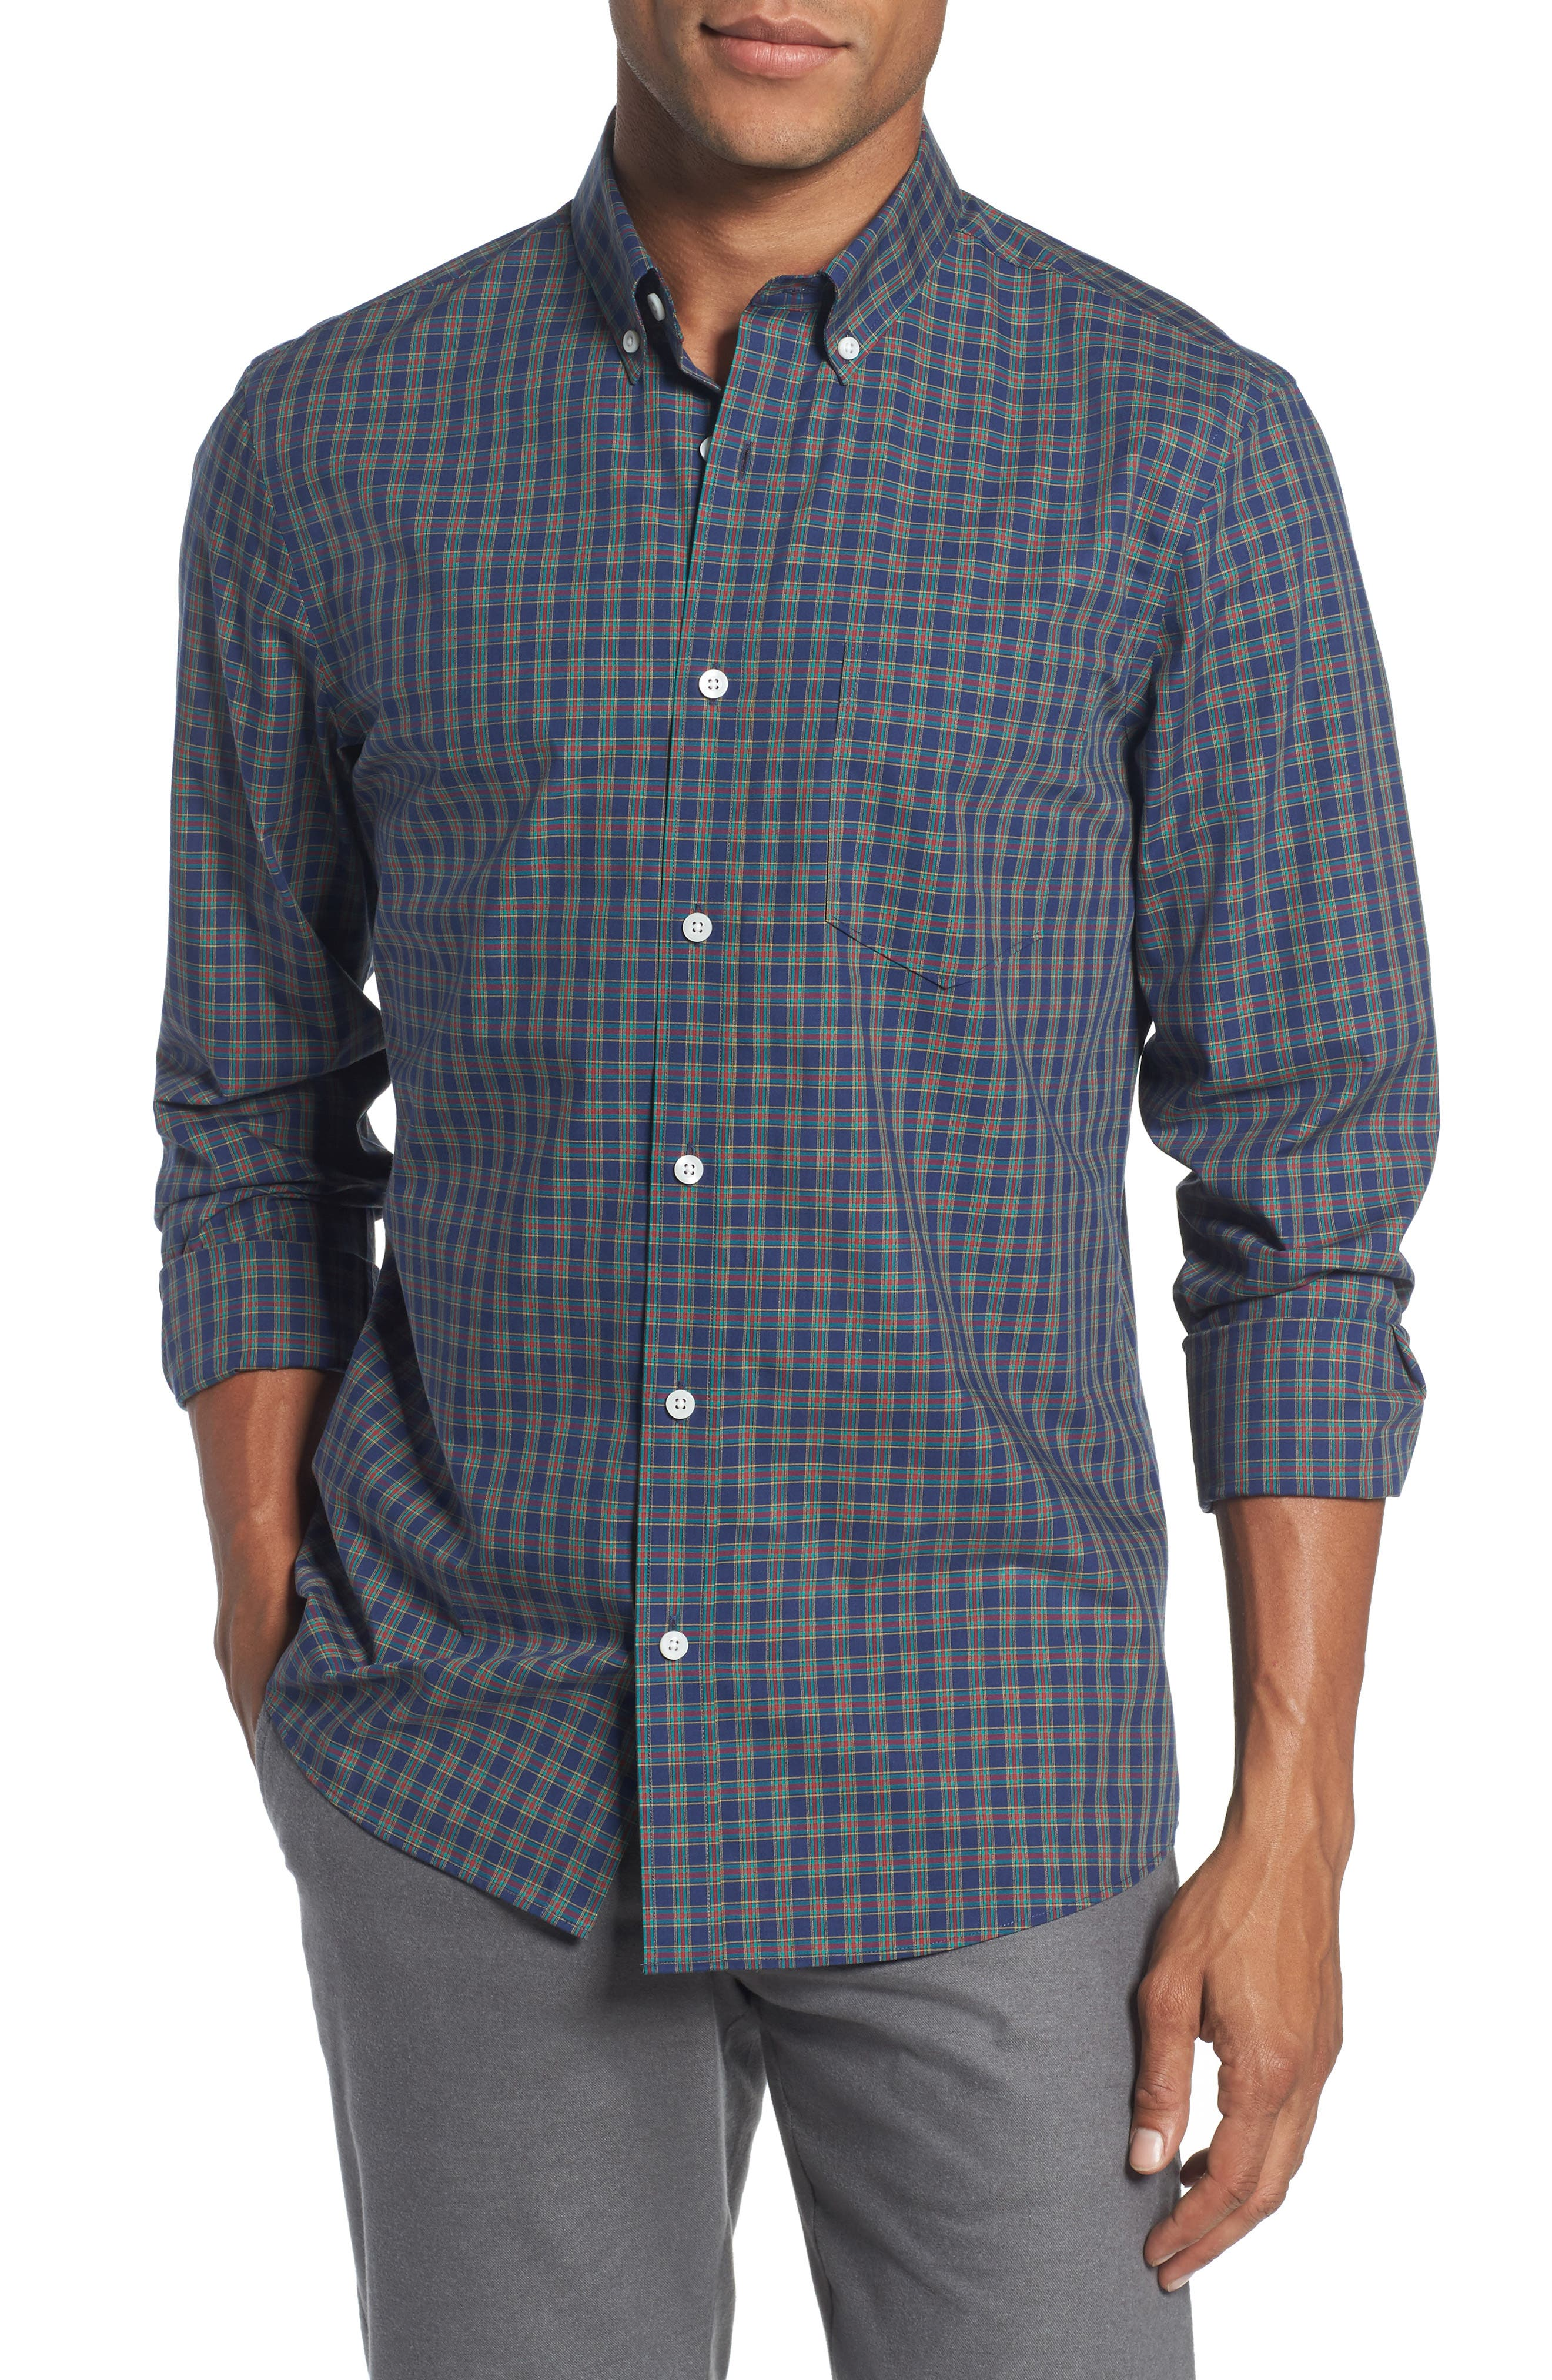 Alternate Image 1 Selected - Nordstrom Men's Shop Trim Fit Non-Iron Plaid Sport Shirt